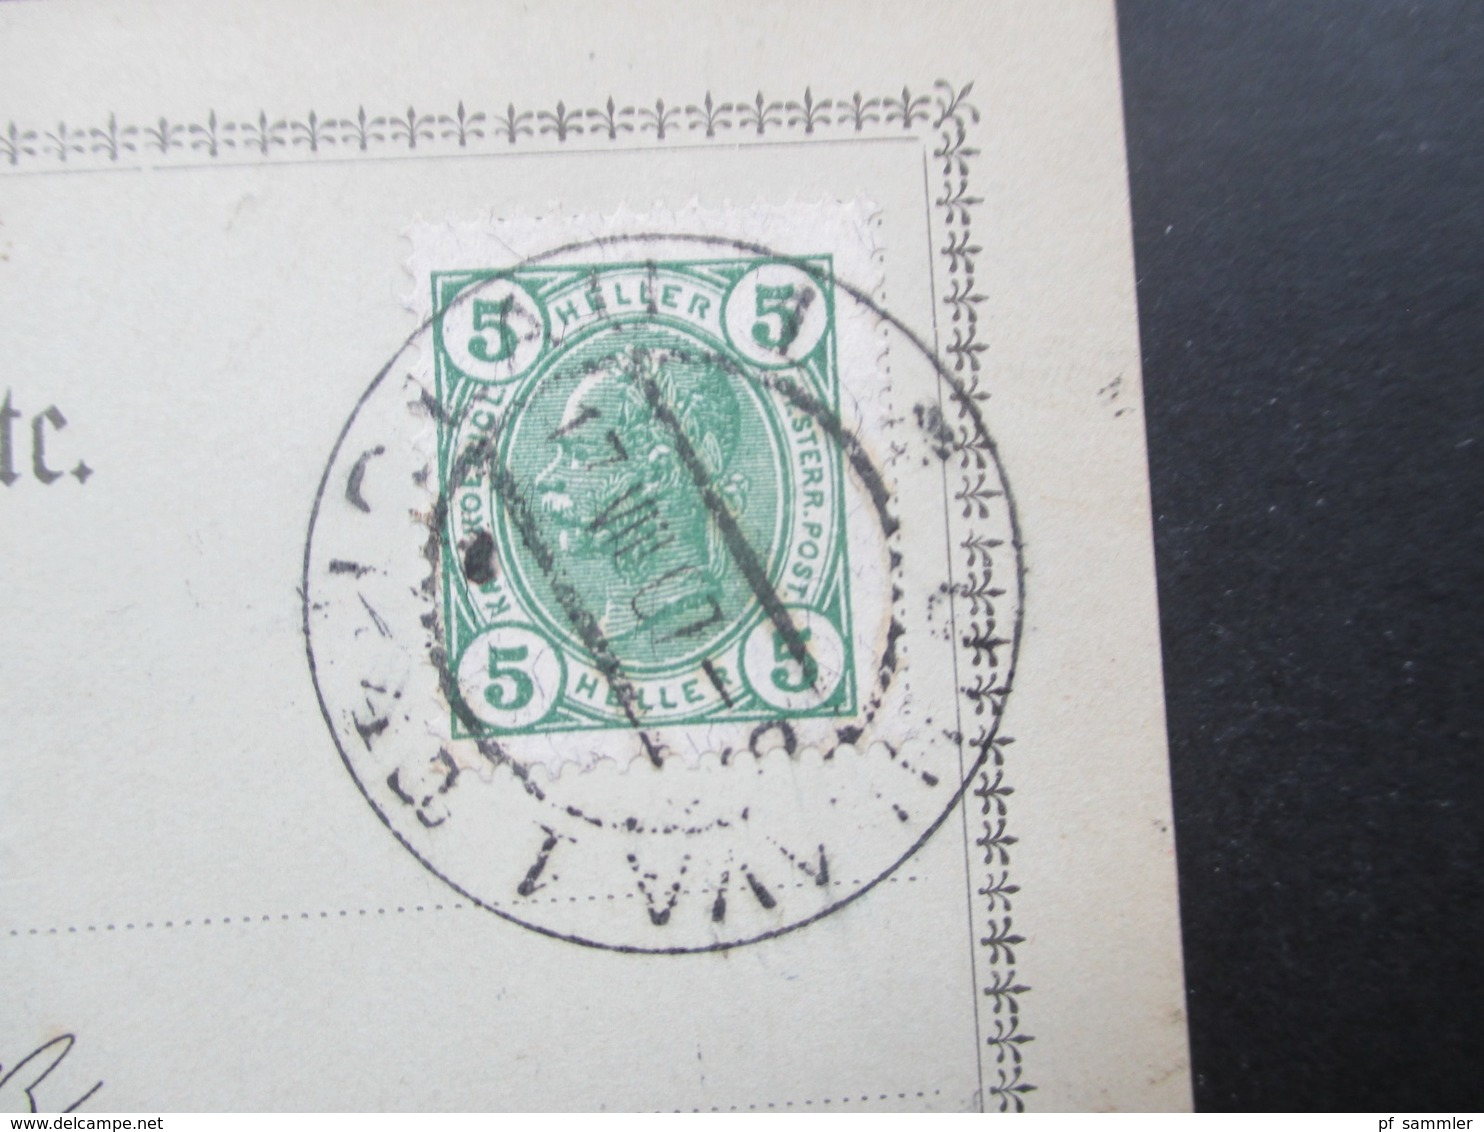 Österreich 1907 Postkarte Erste Iglauer Spiritus Raffinerie Liqueur Und Essigsprit Fabrik Weiss & Feldmann - Briefe U. Dokumente